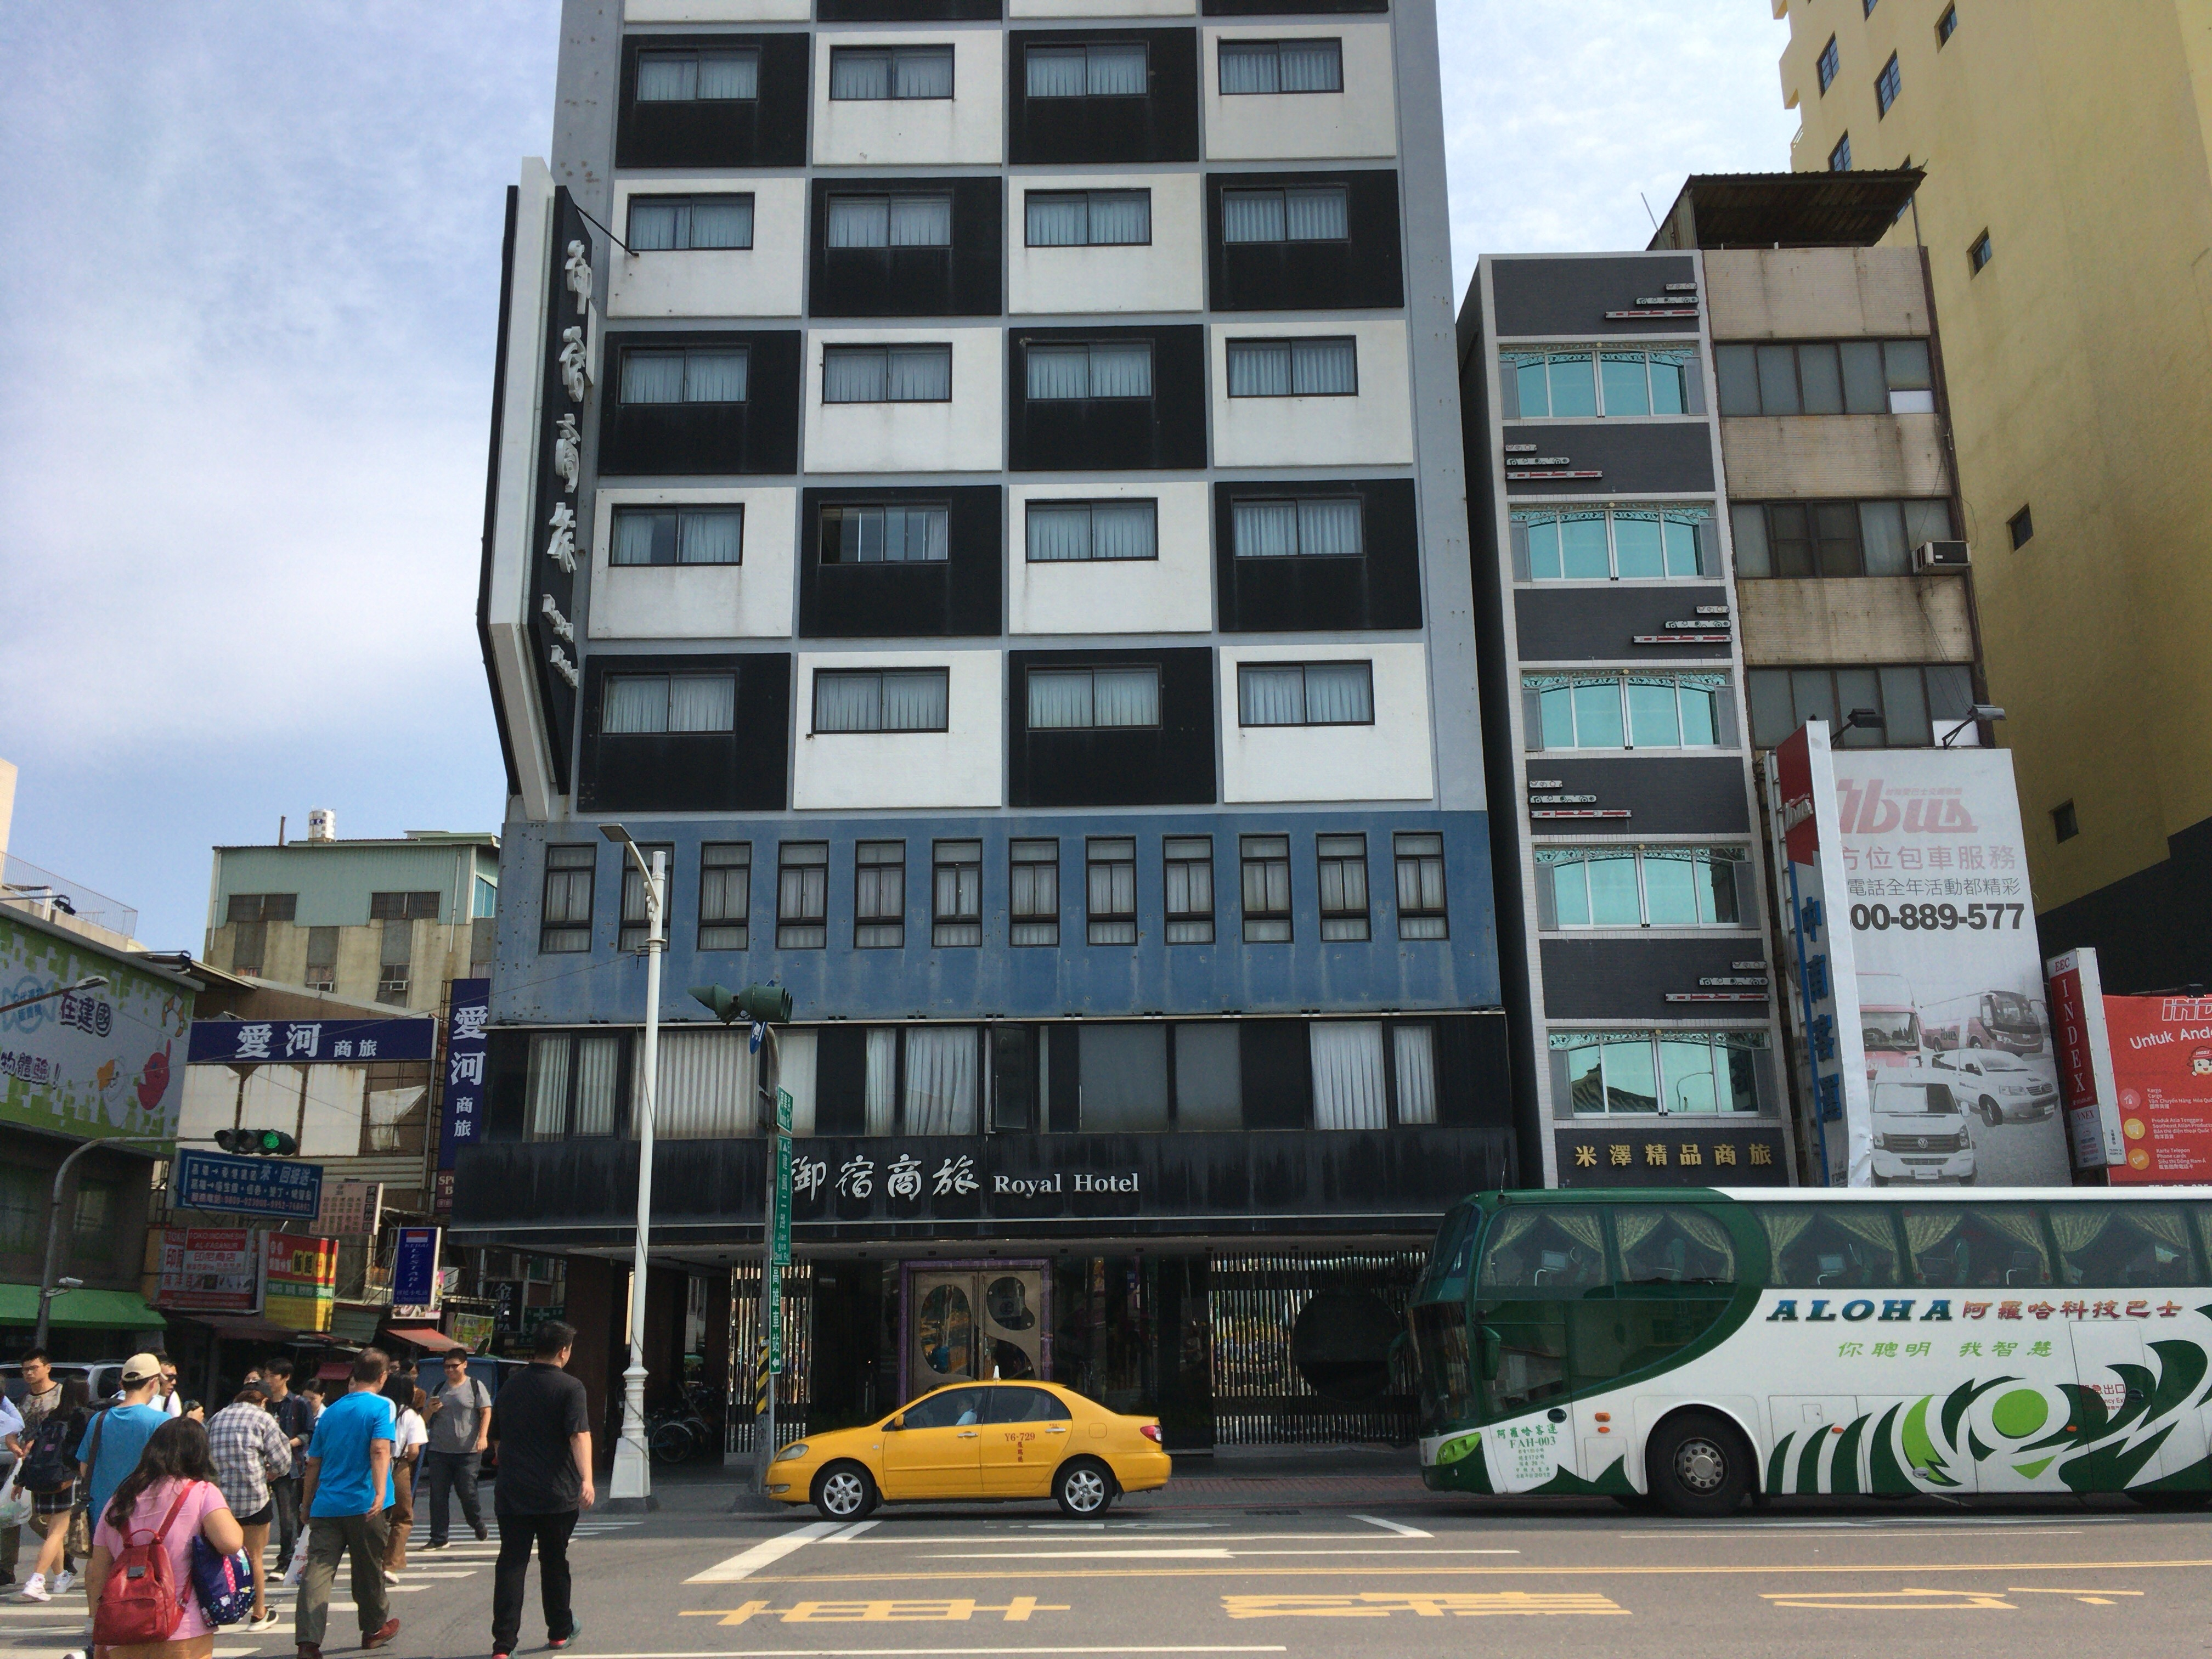 「ロイヤルホテル」外観